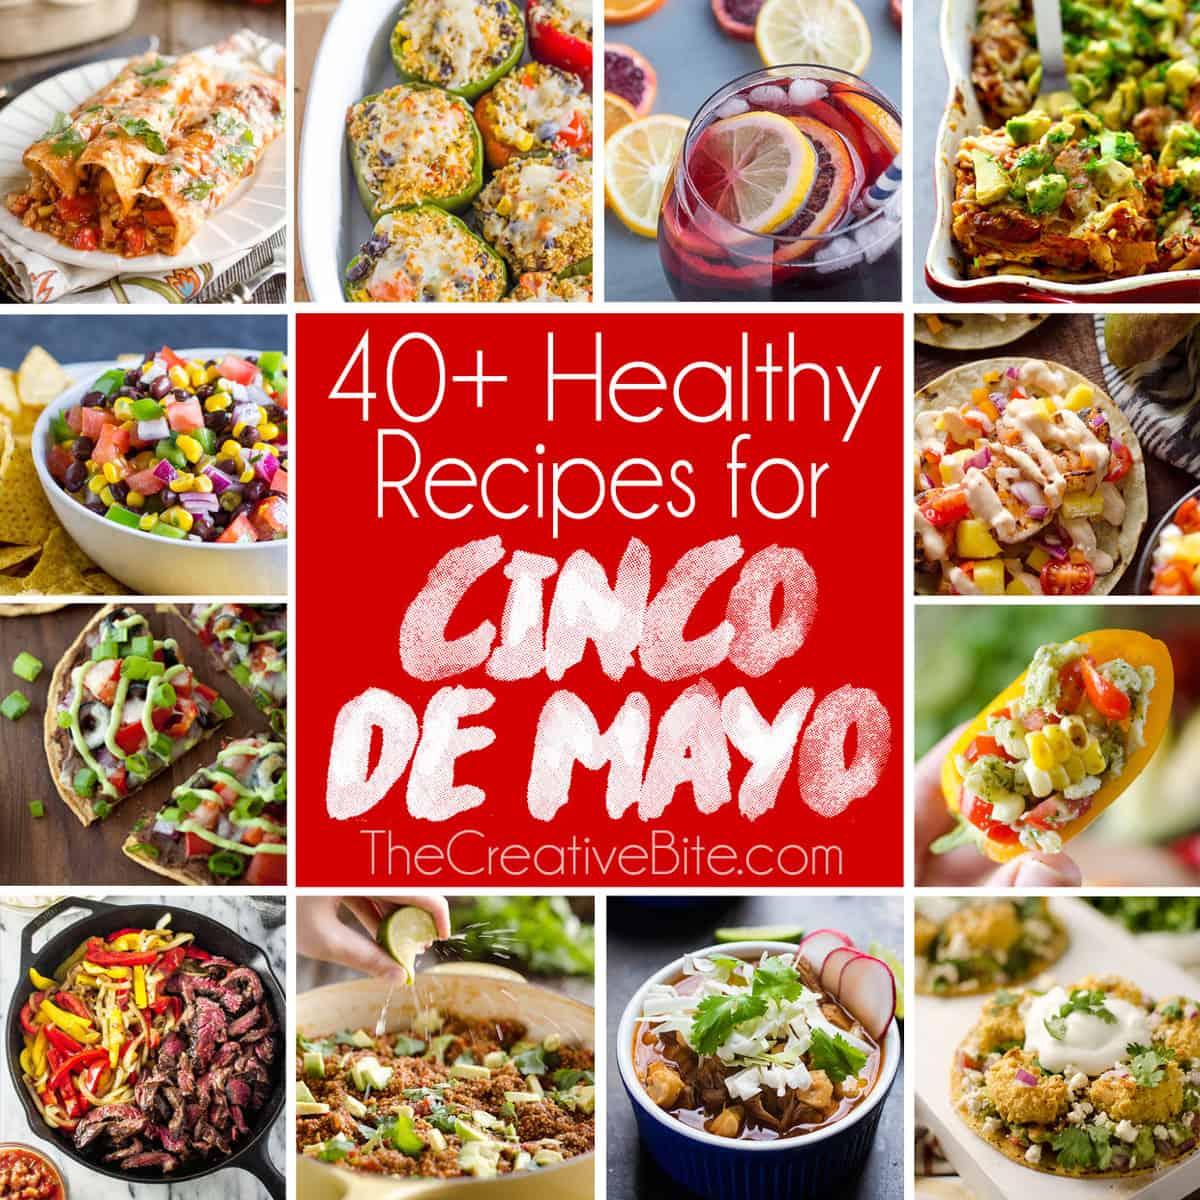 40+ Healthy Recipes to Celebrate Cinco de Mayo